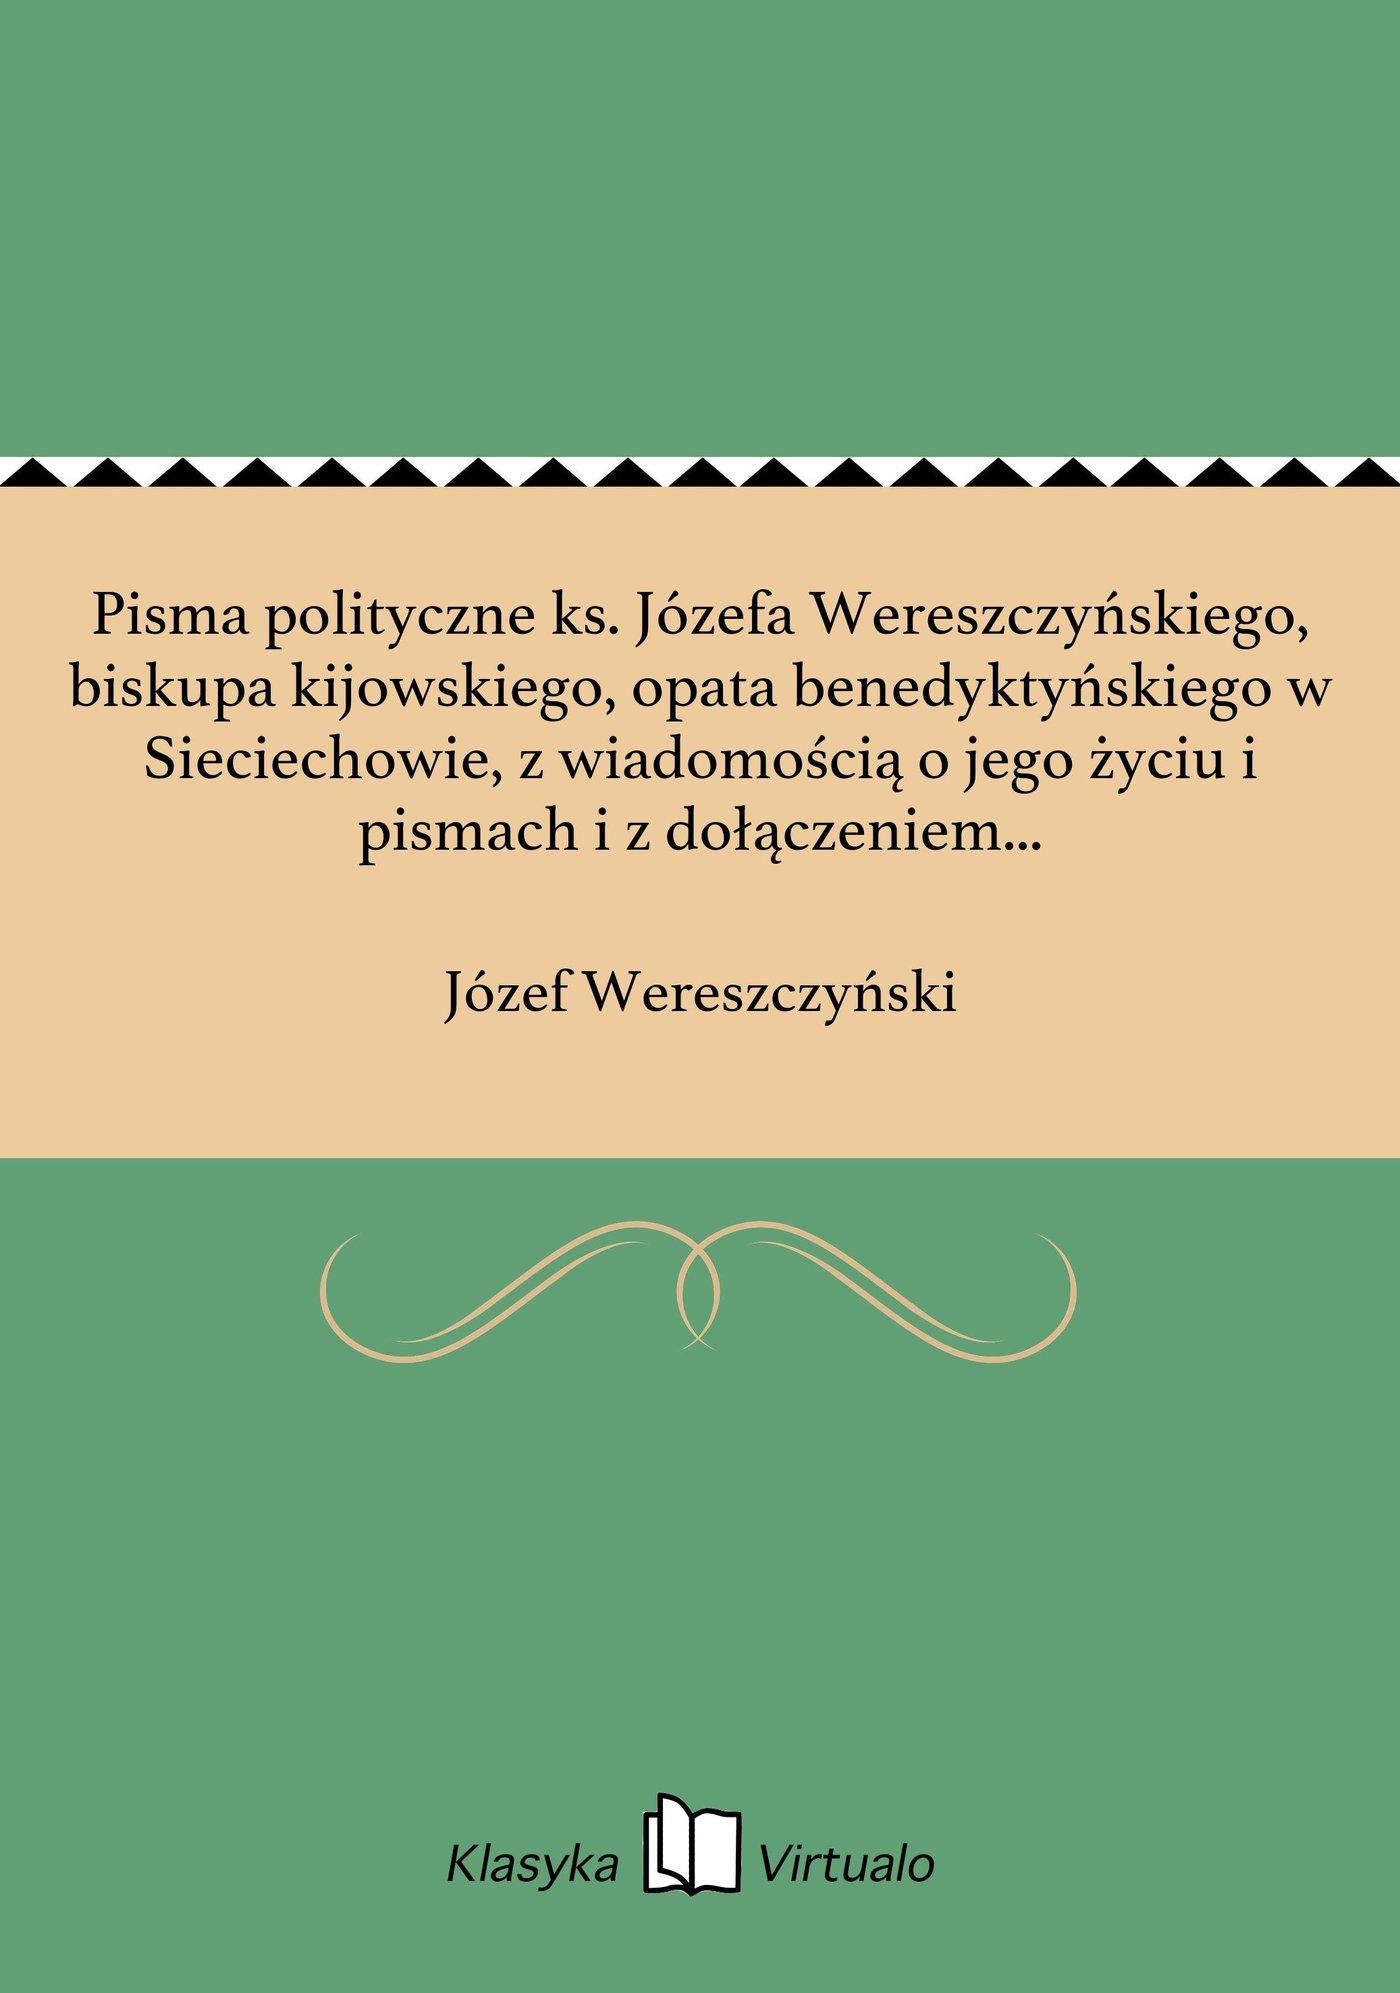 Pisma polityczne ks. Józefa Wereszczyńskiego, biskupa kijowskiego, opata benedyktyńskiego w Sieciechowie, z wiadomością o jego życiu i pismach i z dołączeniem podobizny własnoręcznego jego podpisu - Ebook (Książka EPUB) do pobrania w formacie EPUB